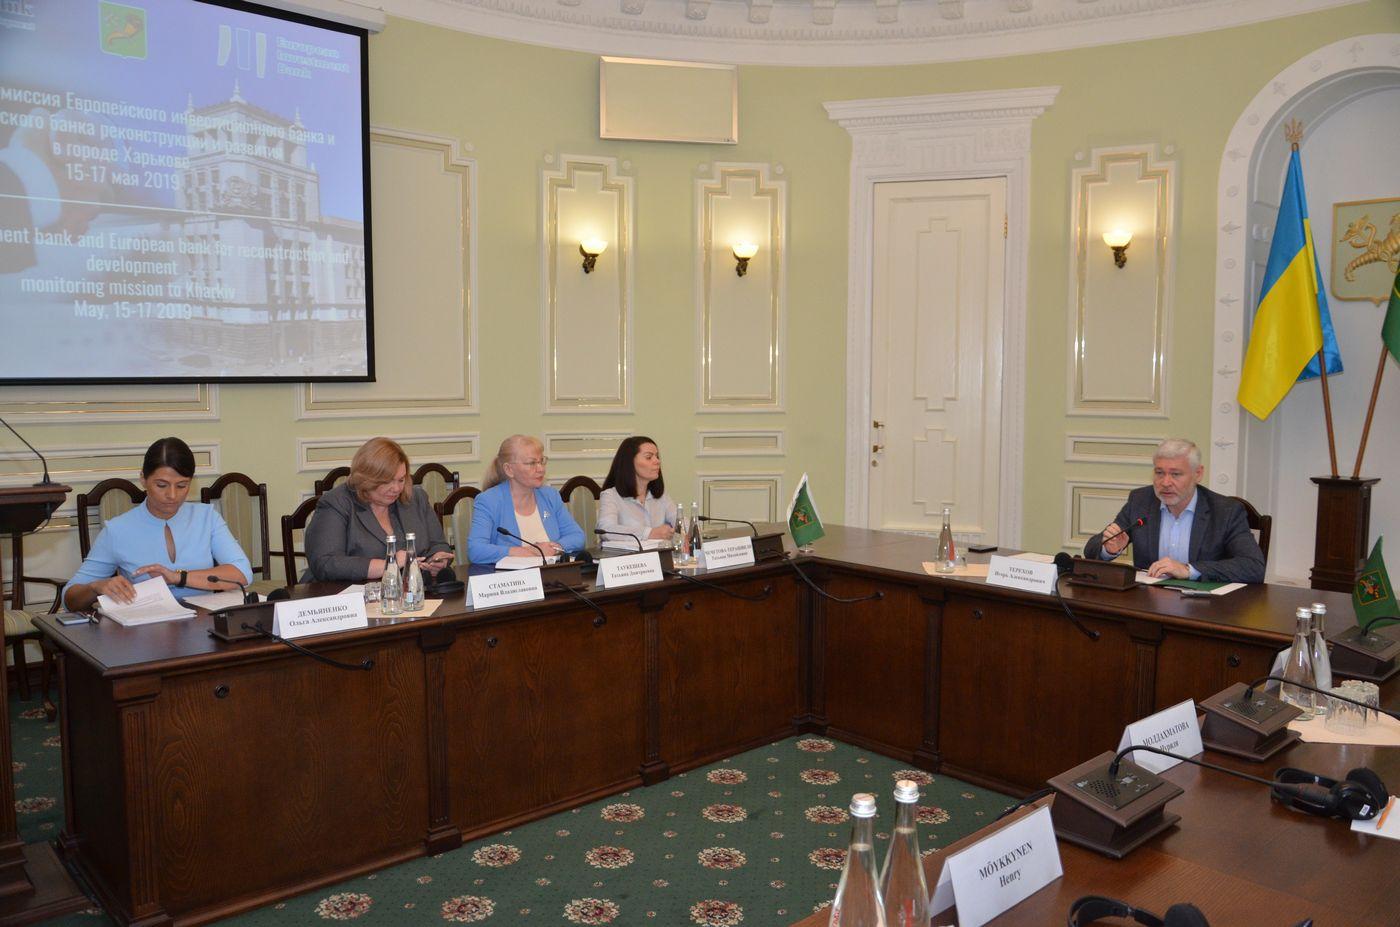 Представники моніторингової місії ЄІБ і ЄБРР підвели підсумки роботи в Харкові